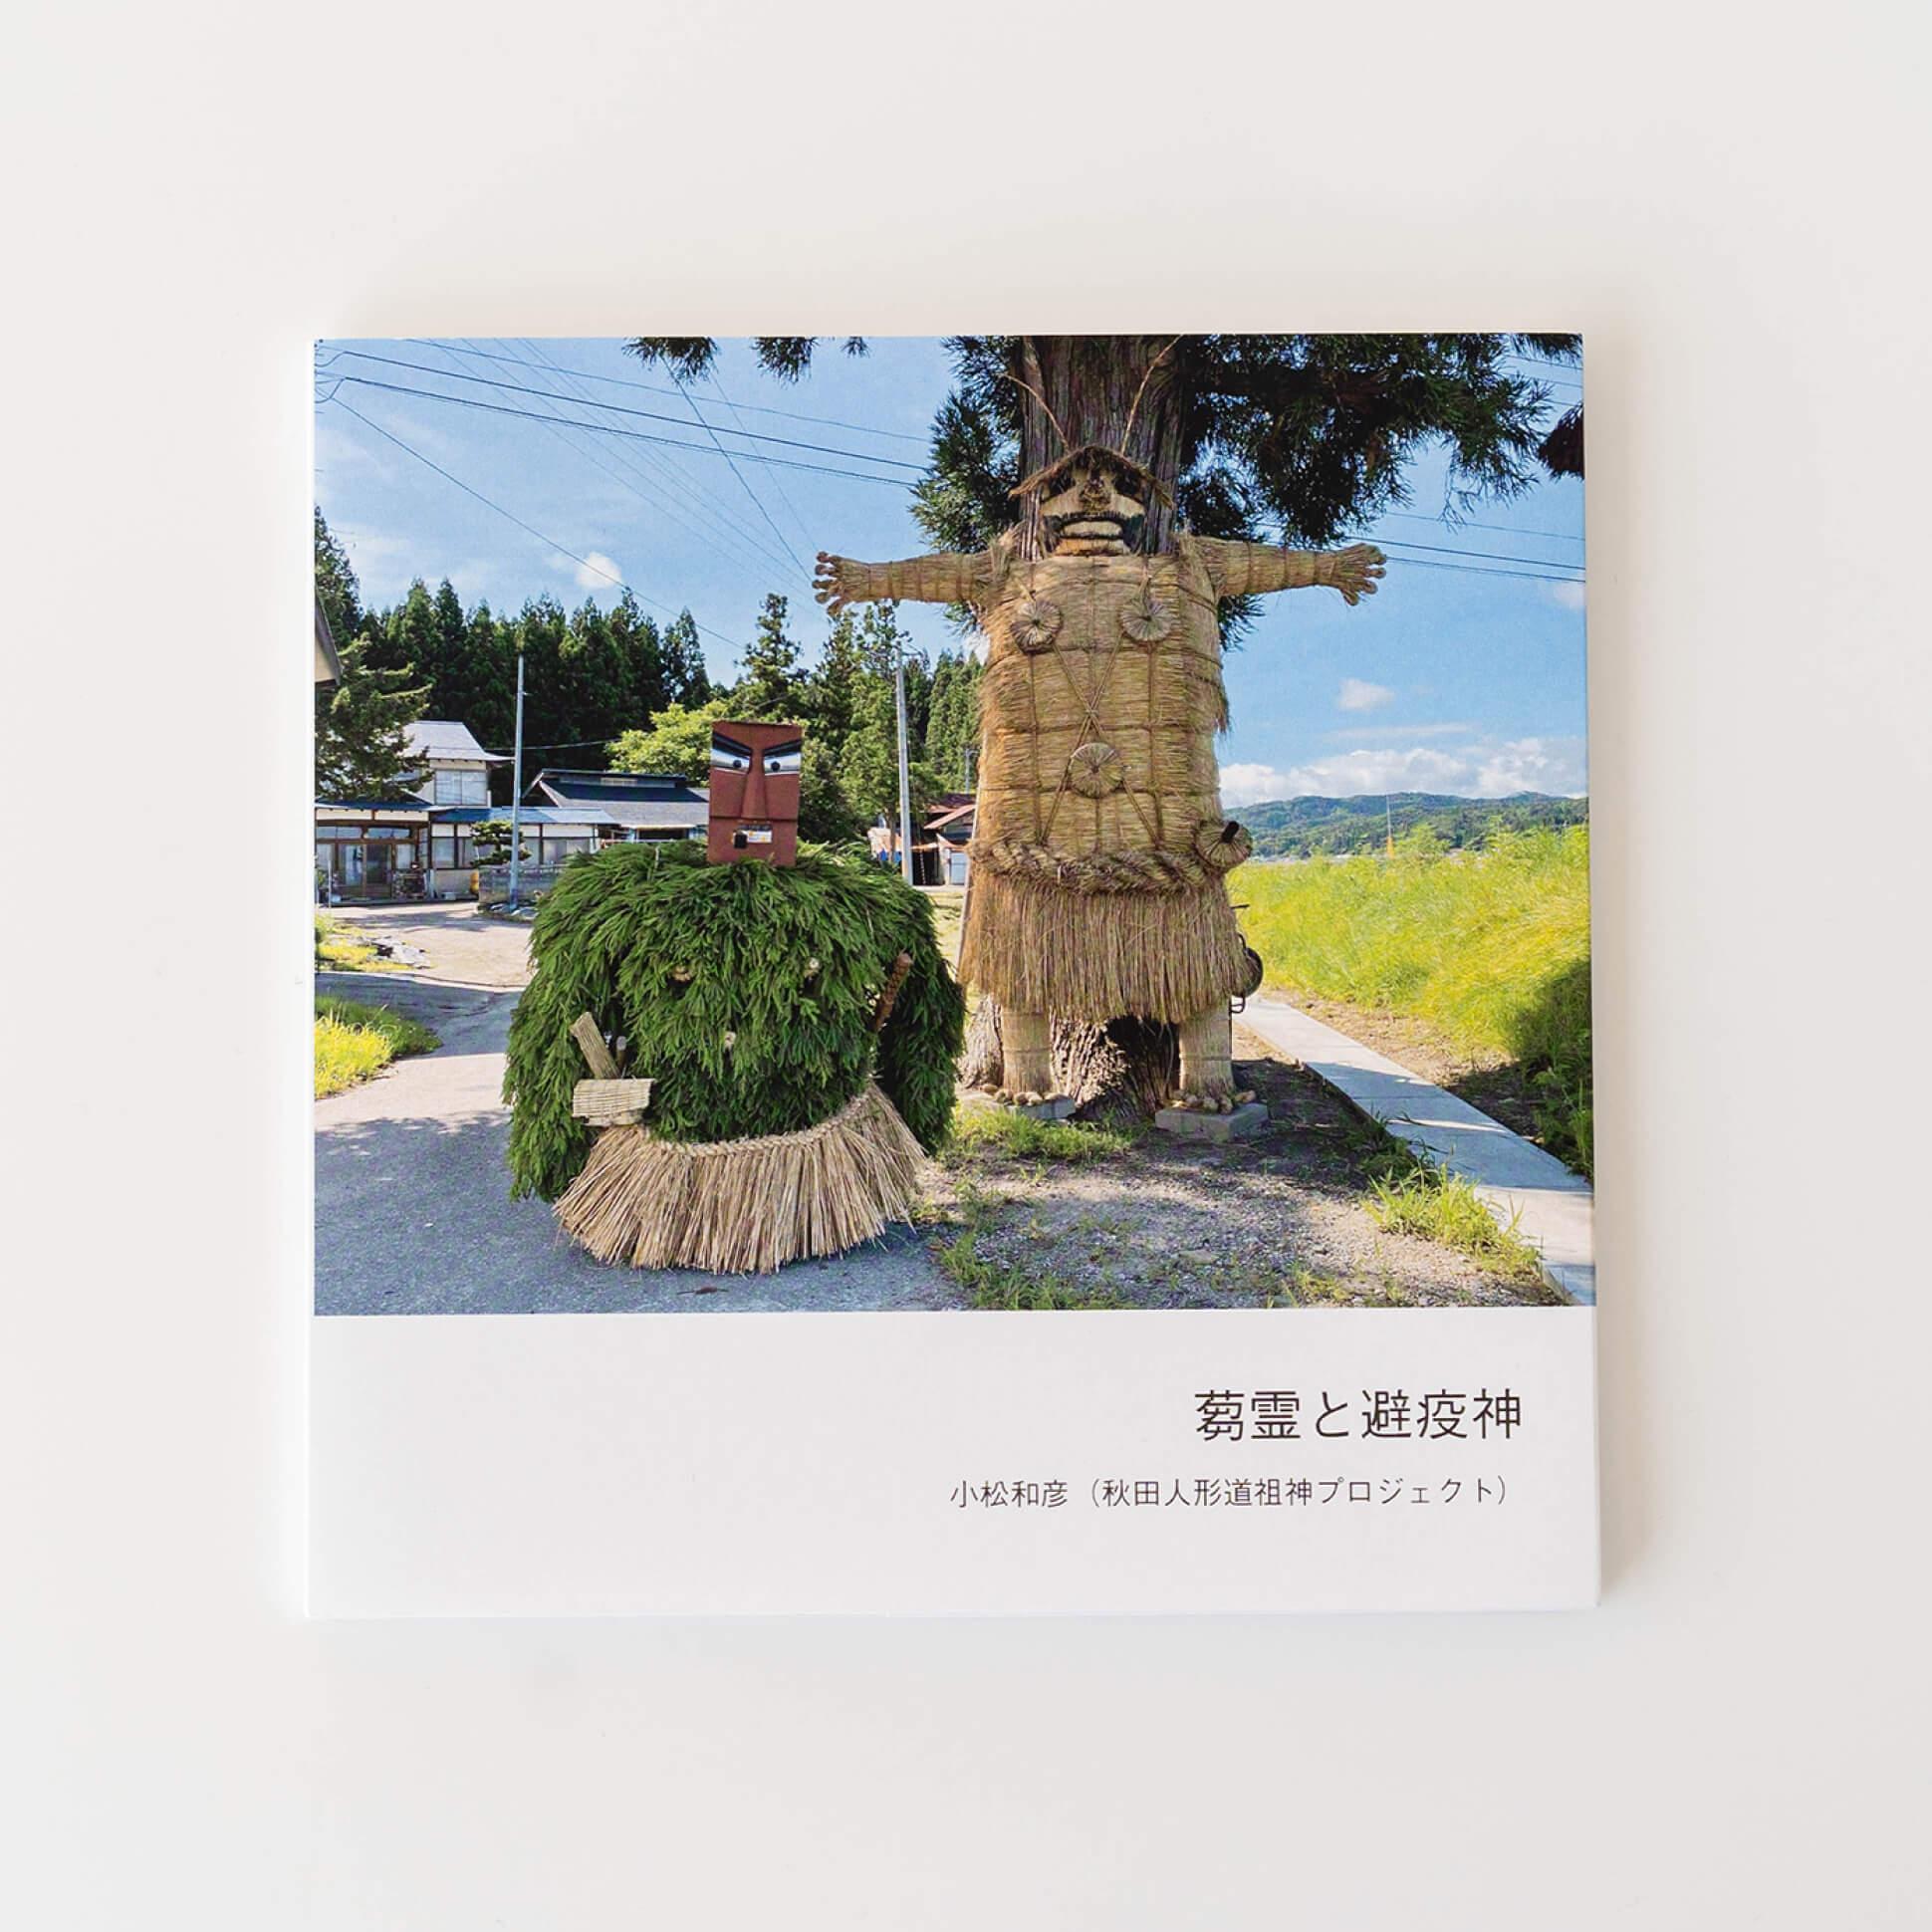 秋田人形道祖神フォトブック「蒭霊(くさひとがた)と避疫神(ひえきがみ)」 商品画像